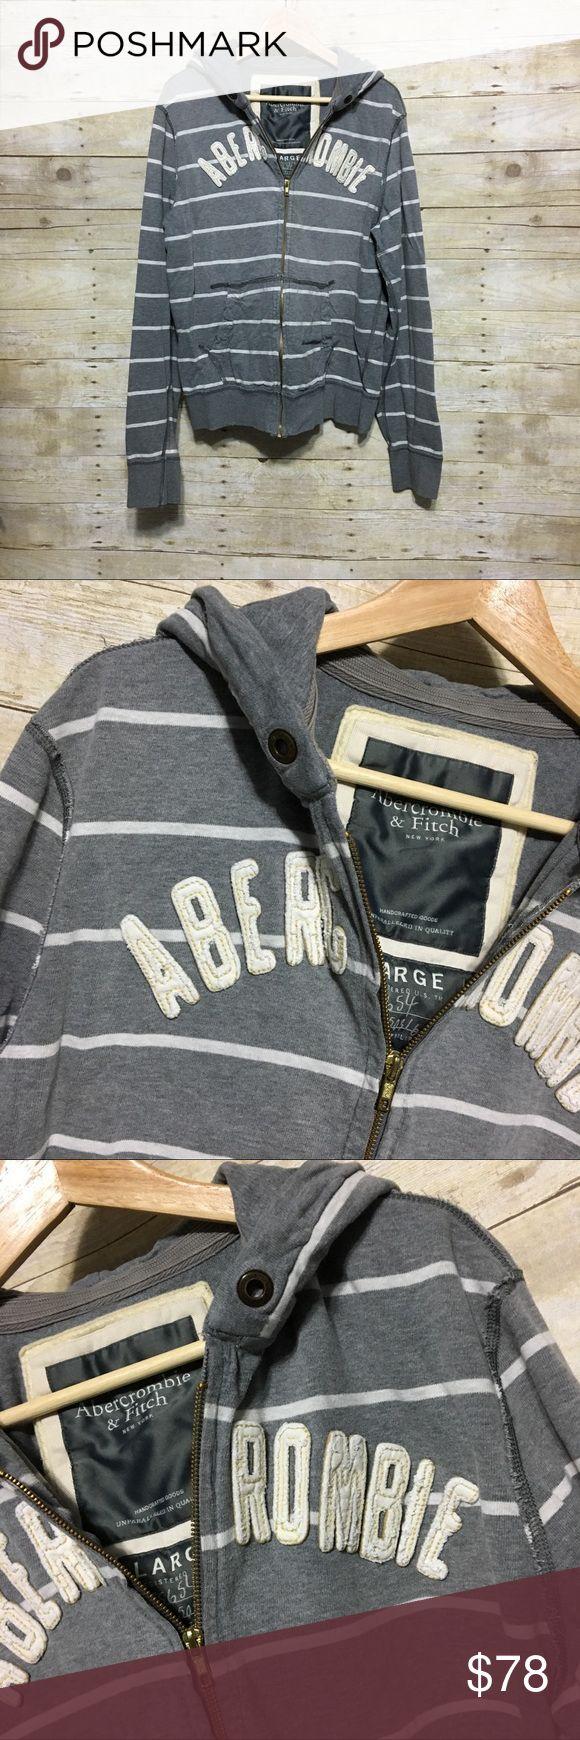 Abercrombie & Fitch appliqué graphic hoodie, sz. L Abercrombie & Fitch appliqué graphic hoodie, sz. L Abercrombie & Fitch Shirts Sweatshirts & Hoodies